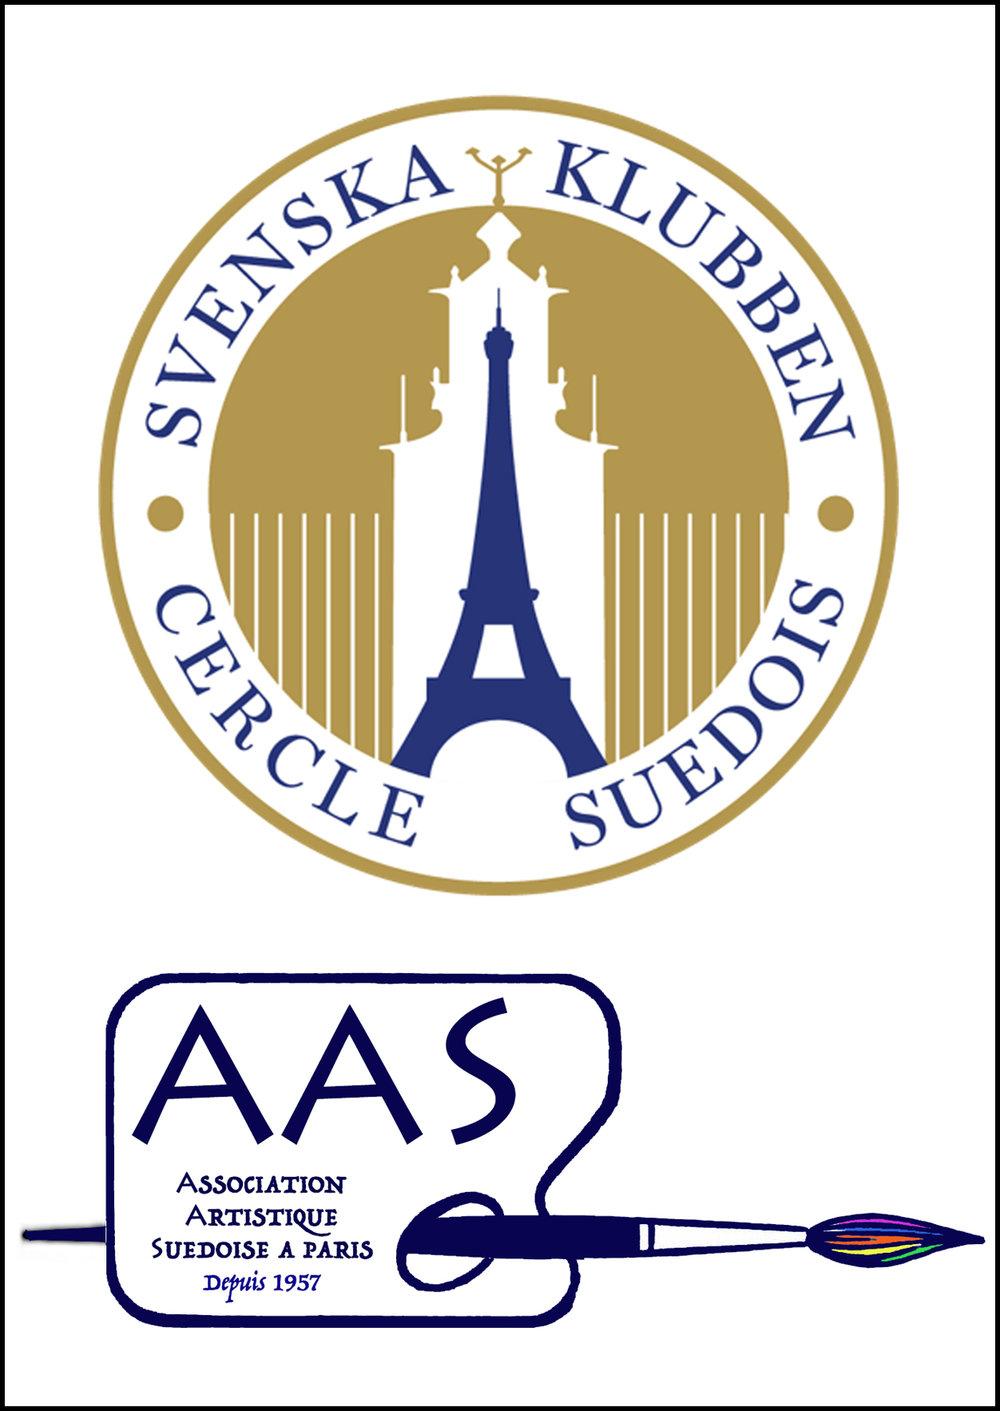 CERCLE SUEDOIS - PARIS, FRANCEExpo: 19/05/2016 - 09/06/2016Vernissage: 19/05/2016 (17h00-20h00)